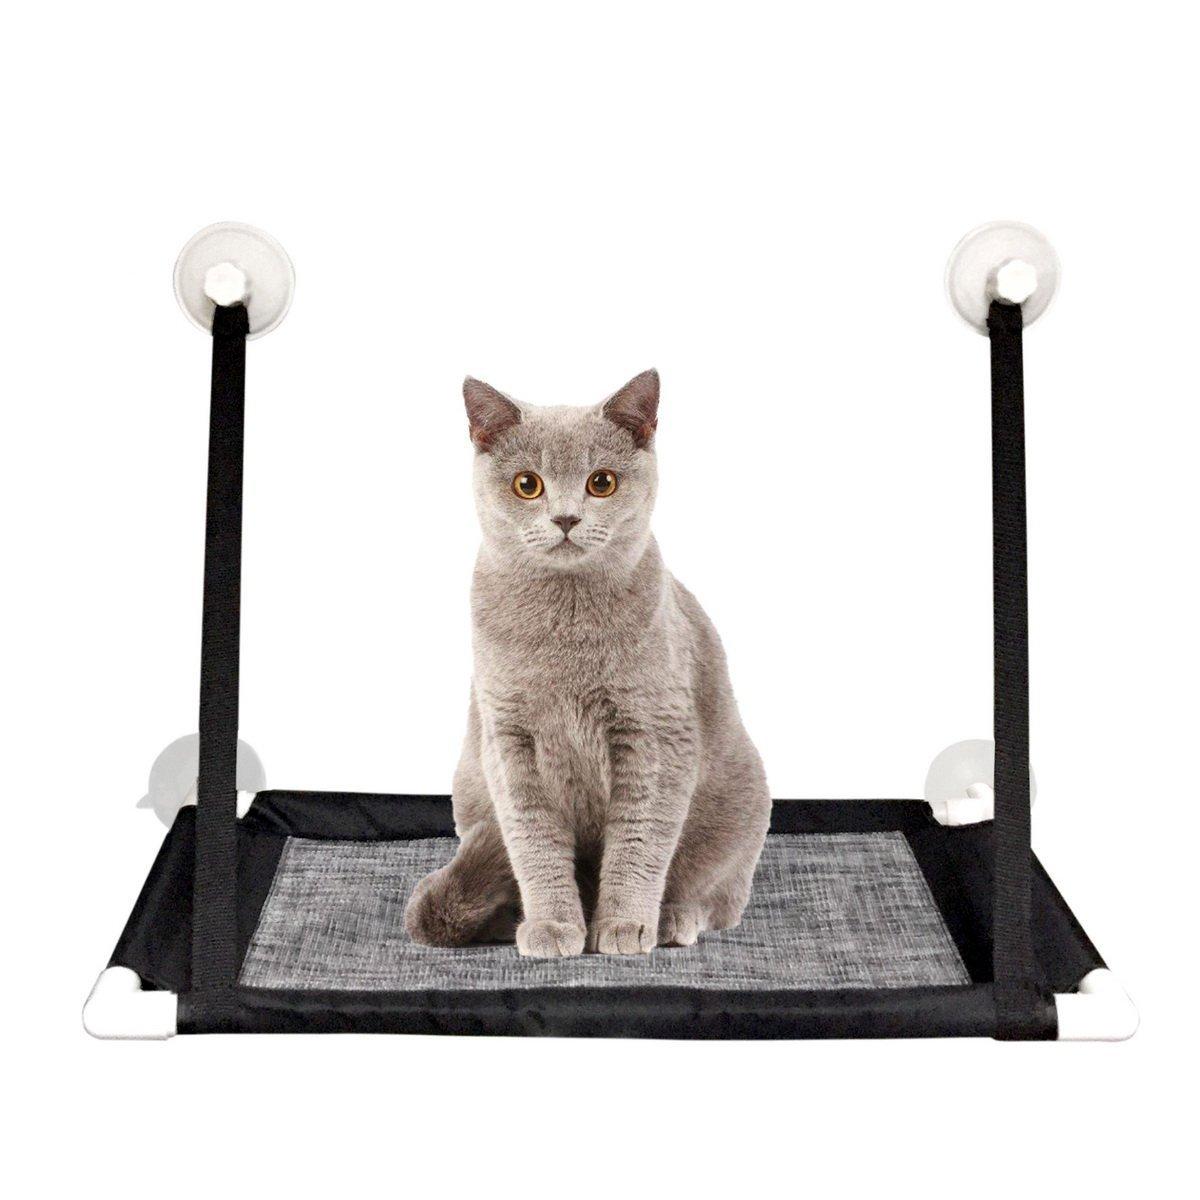 Perche de chat de fenêtre de Seat ensoleillé - LIVEHITOP Hamac de lit de chats monté avec des tasses d'aspiration résistantes tient jusqu'à 10 KG, facile à installer MAIKEHIGH